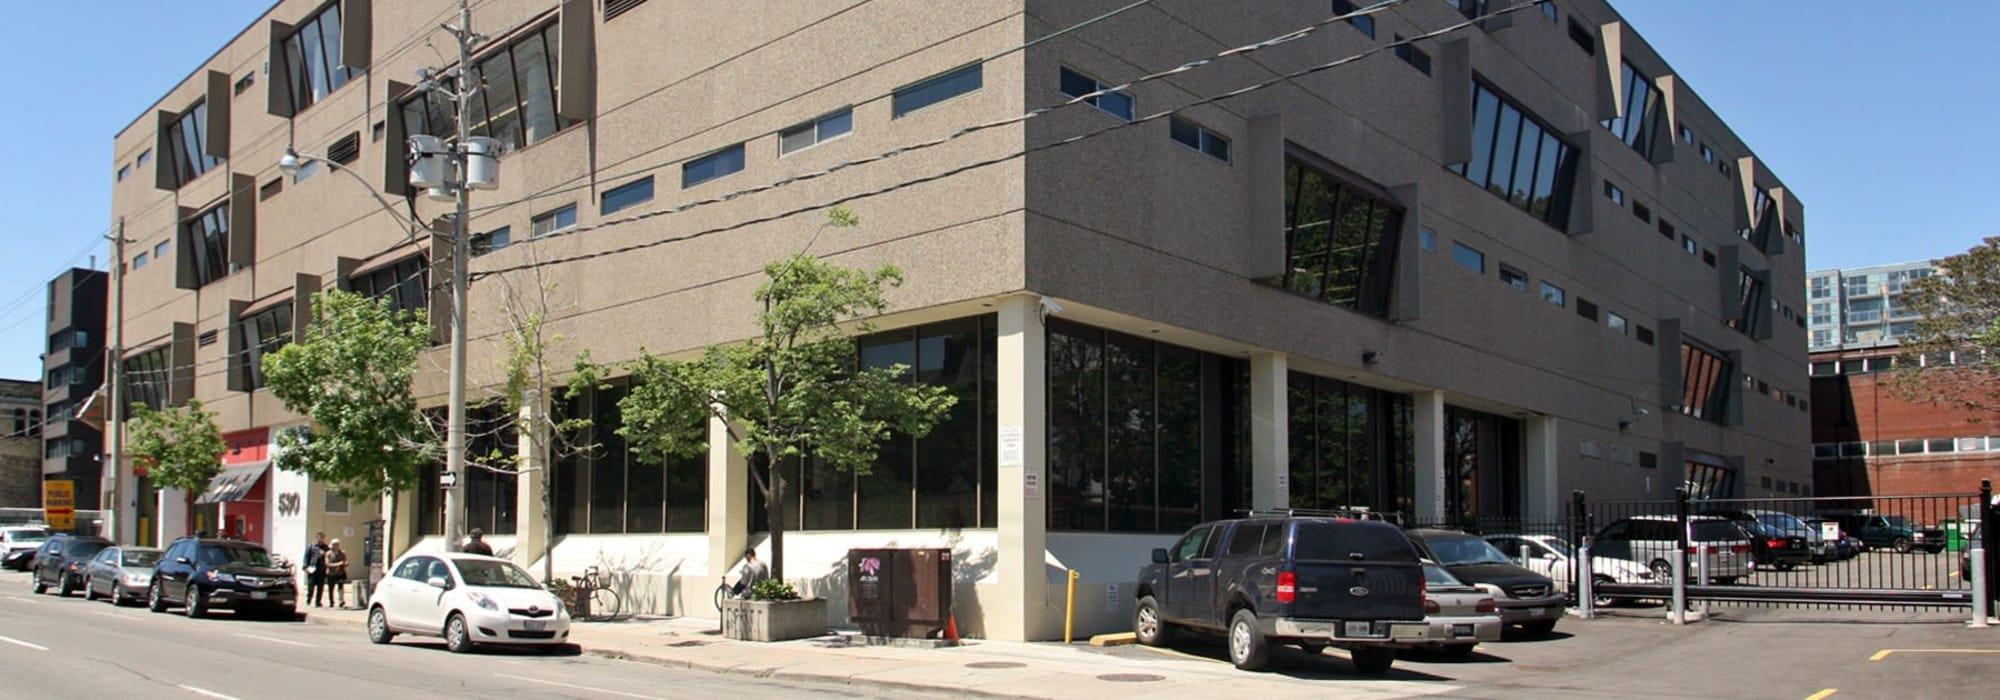 Apple Self Storage - Toronto Downtown in Toronto, Ontario